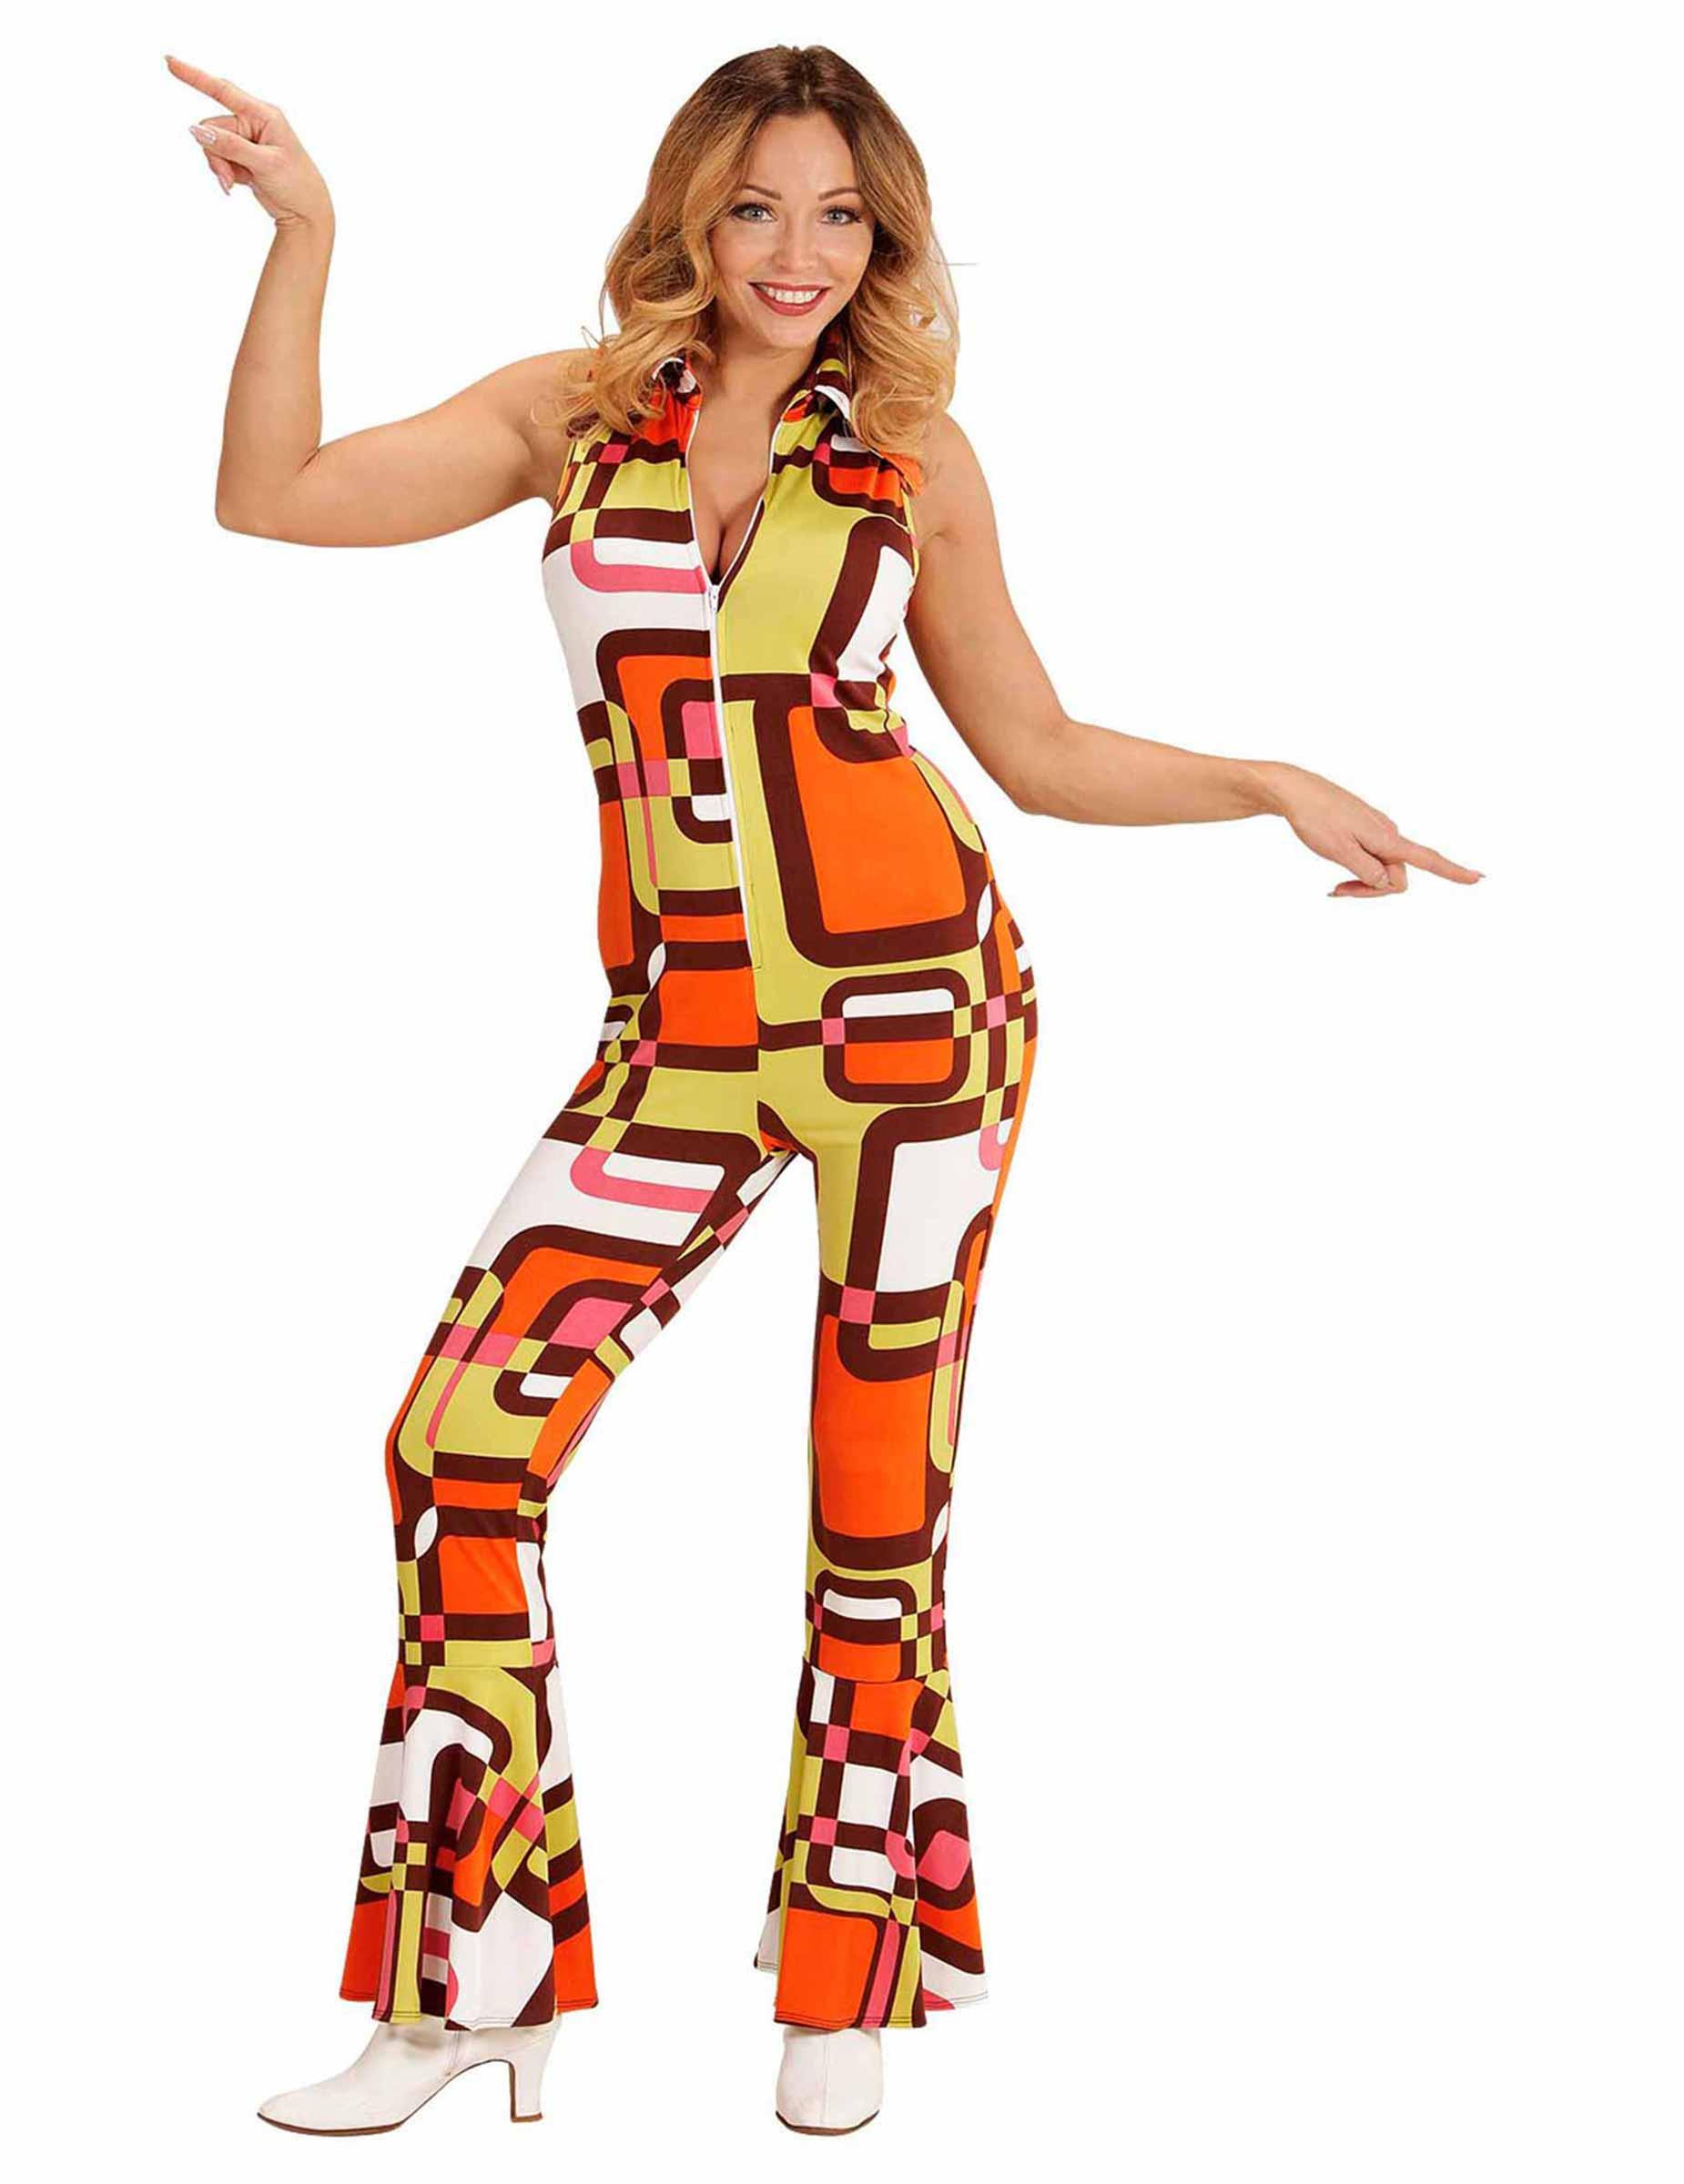 70er damenkost m 70er outfit orange gelb g nstige faschings kost me bei karneval megastore. Black Bedroom Furniture Sets. Home Design Ideas